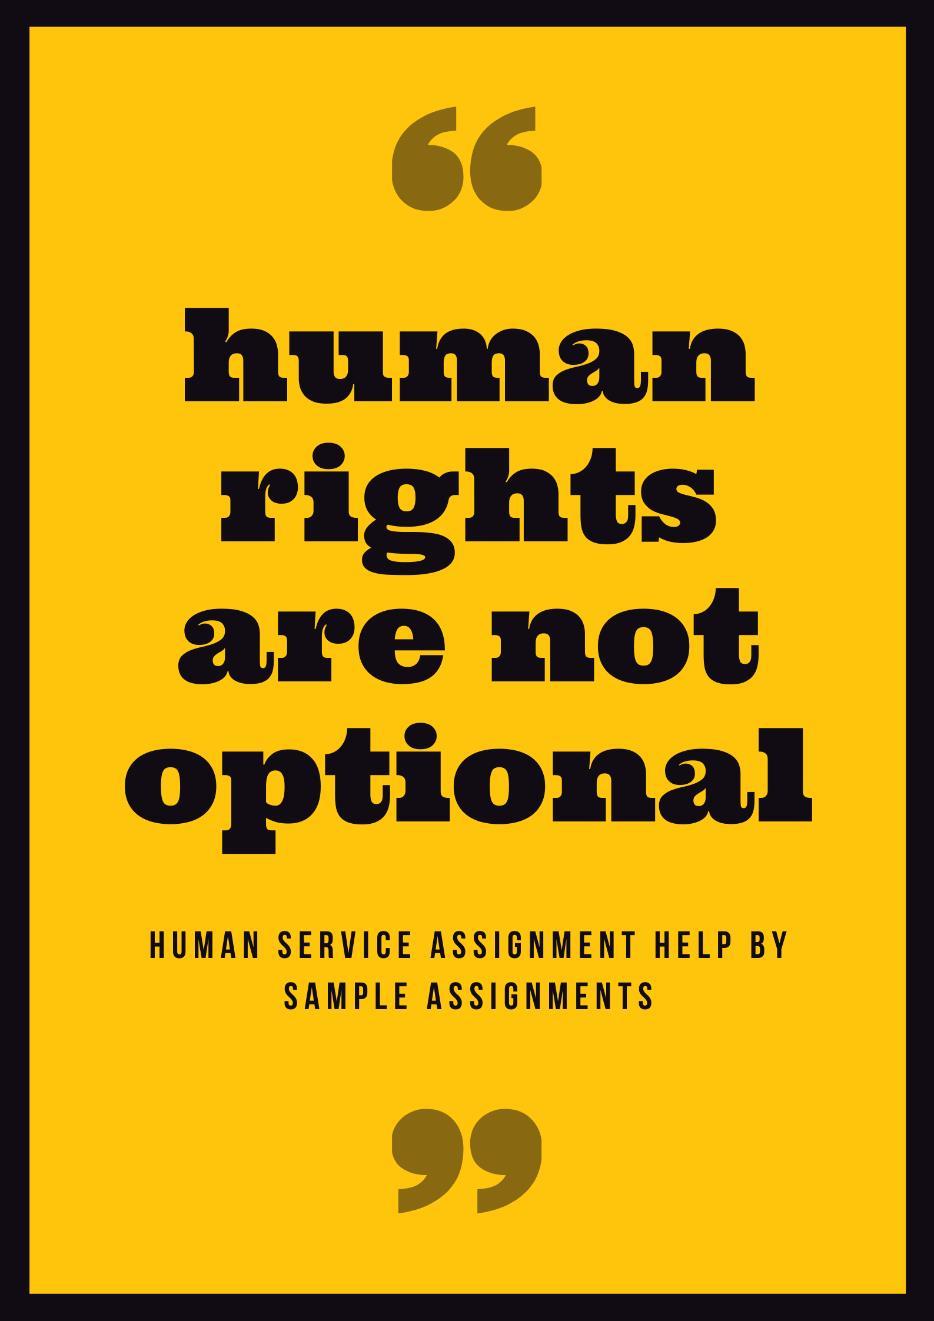 human service assignment help